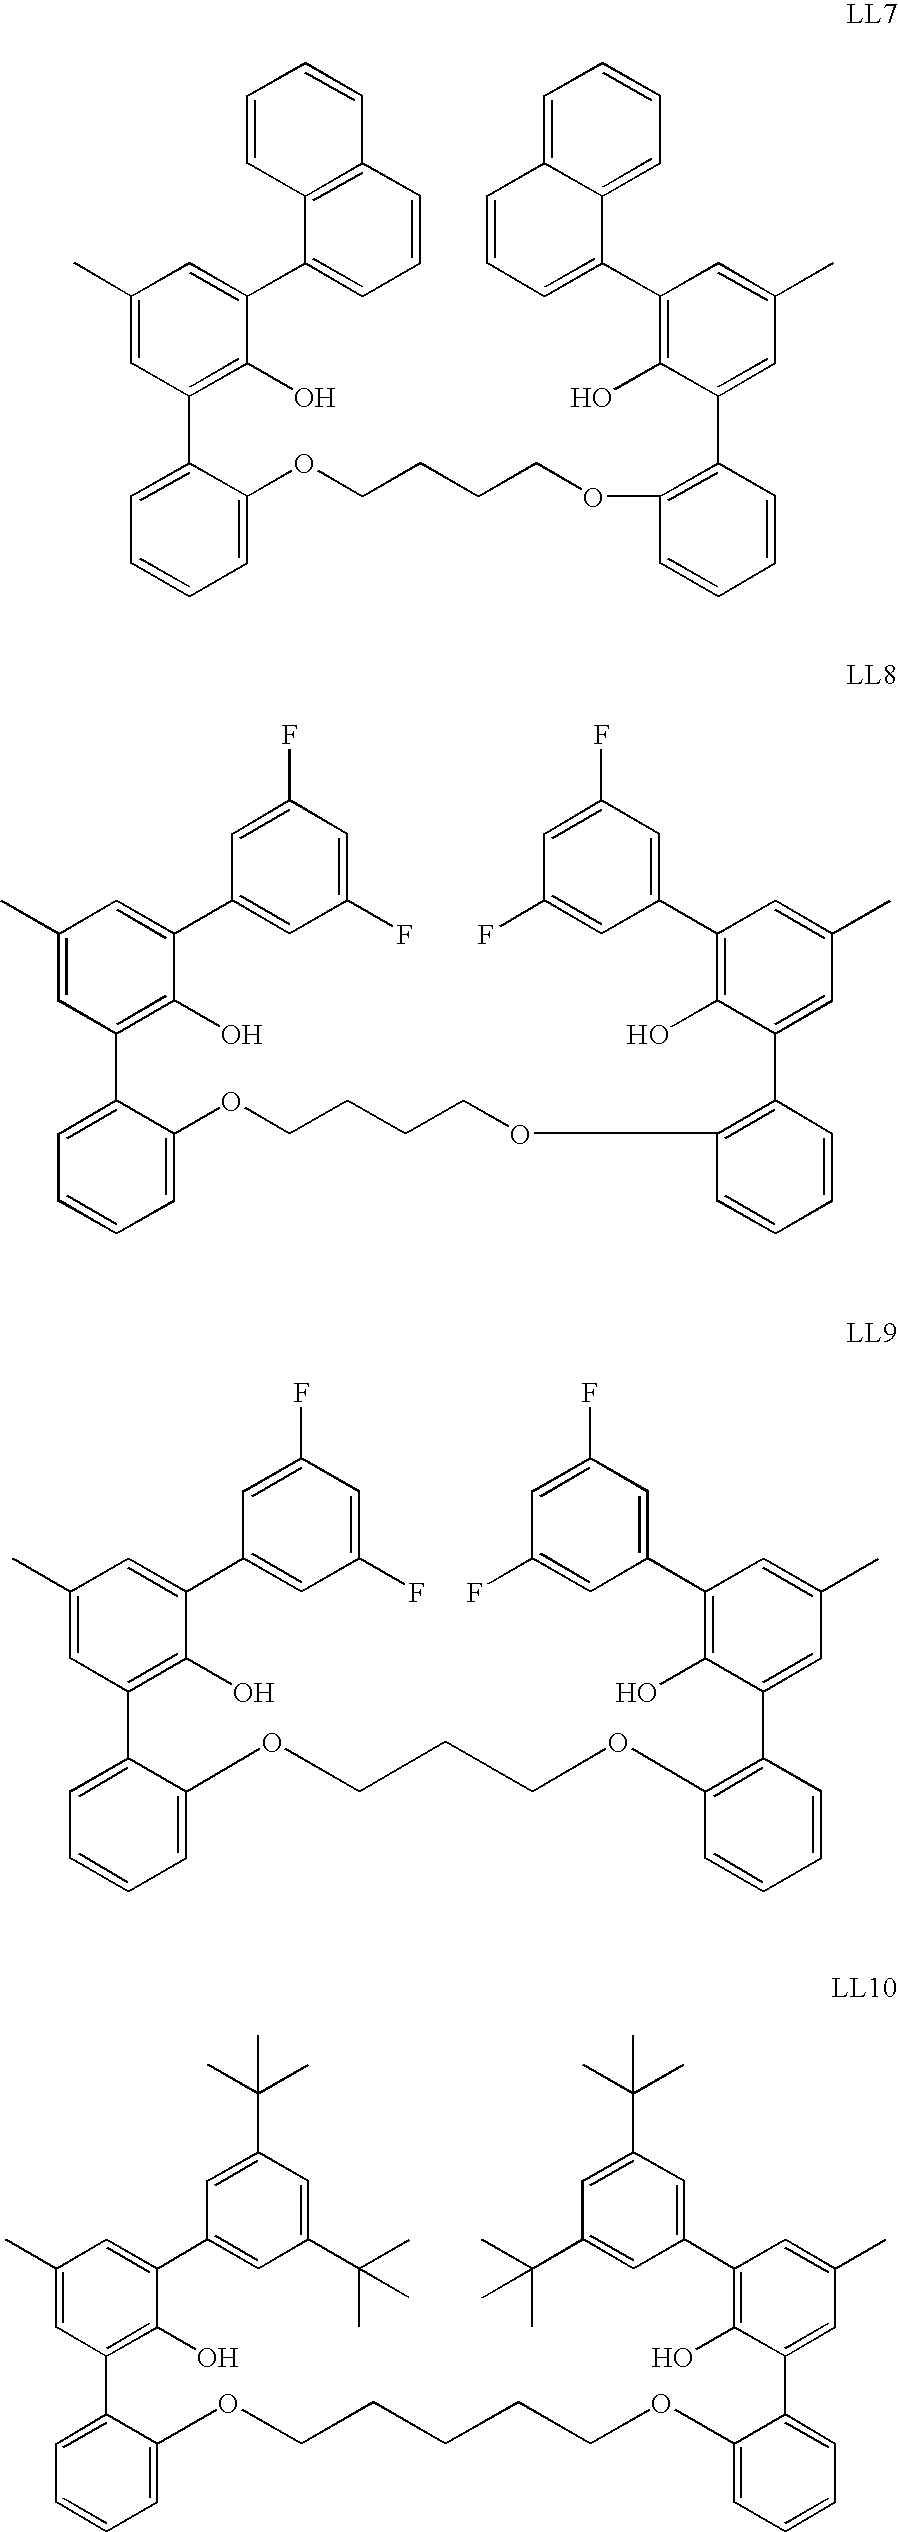 Figure US07241715-20070710-C00078